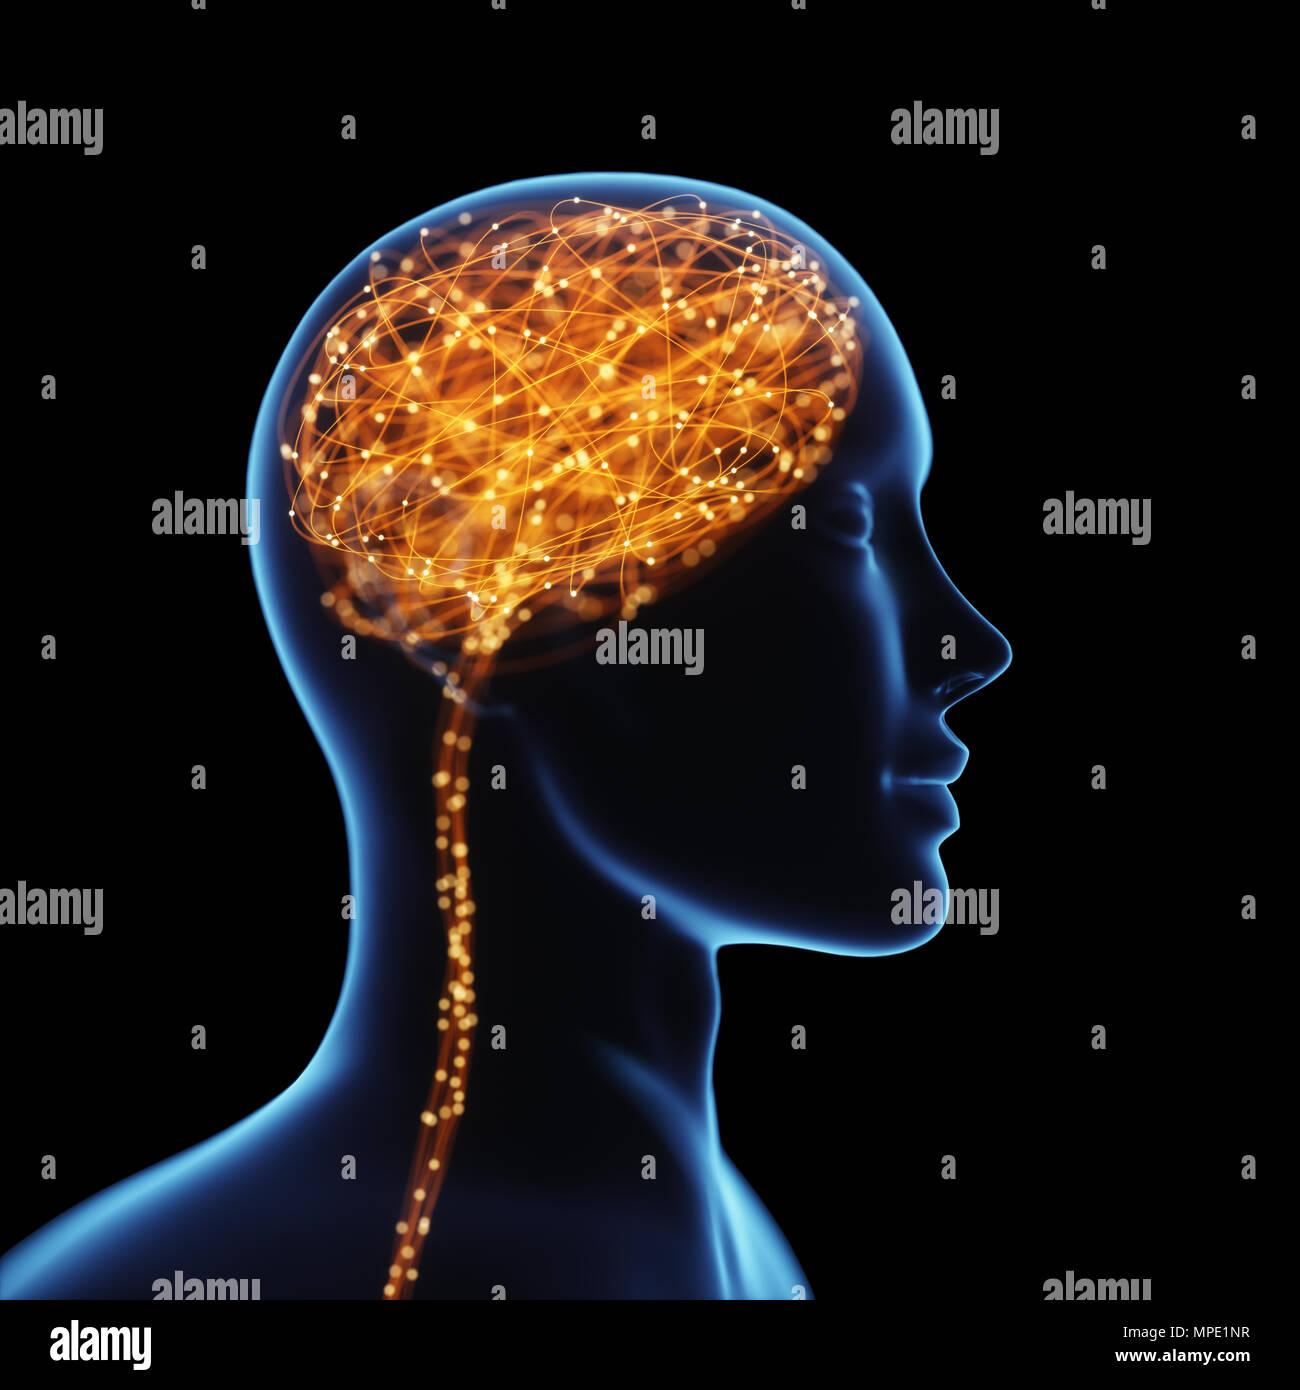 3D-Darstellung. X-ray des Kopfes und des menschlichen Gehirns im Konzept der neuronalen Verbindungen und elektrische Impulse. Funkelt im Inneren des Gehirns. Leistungsstarke verstand. Stockbild